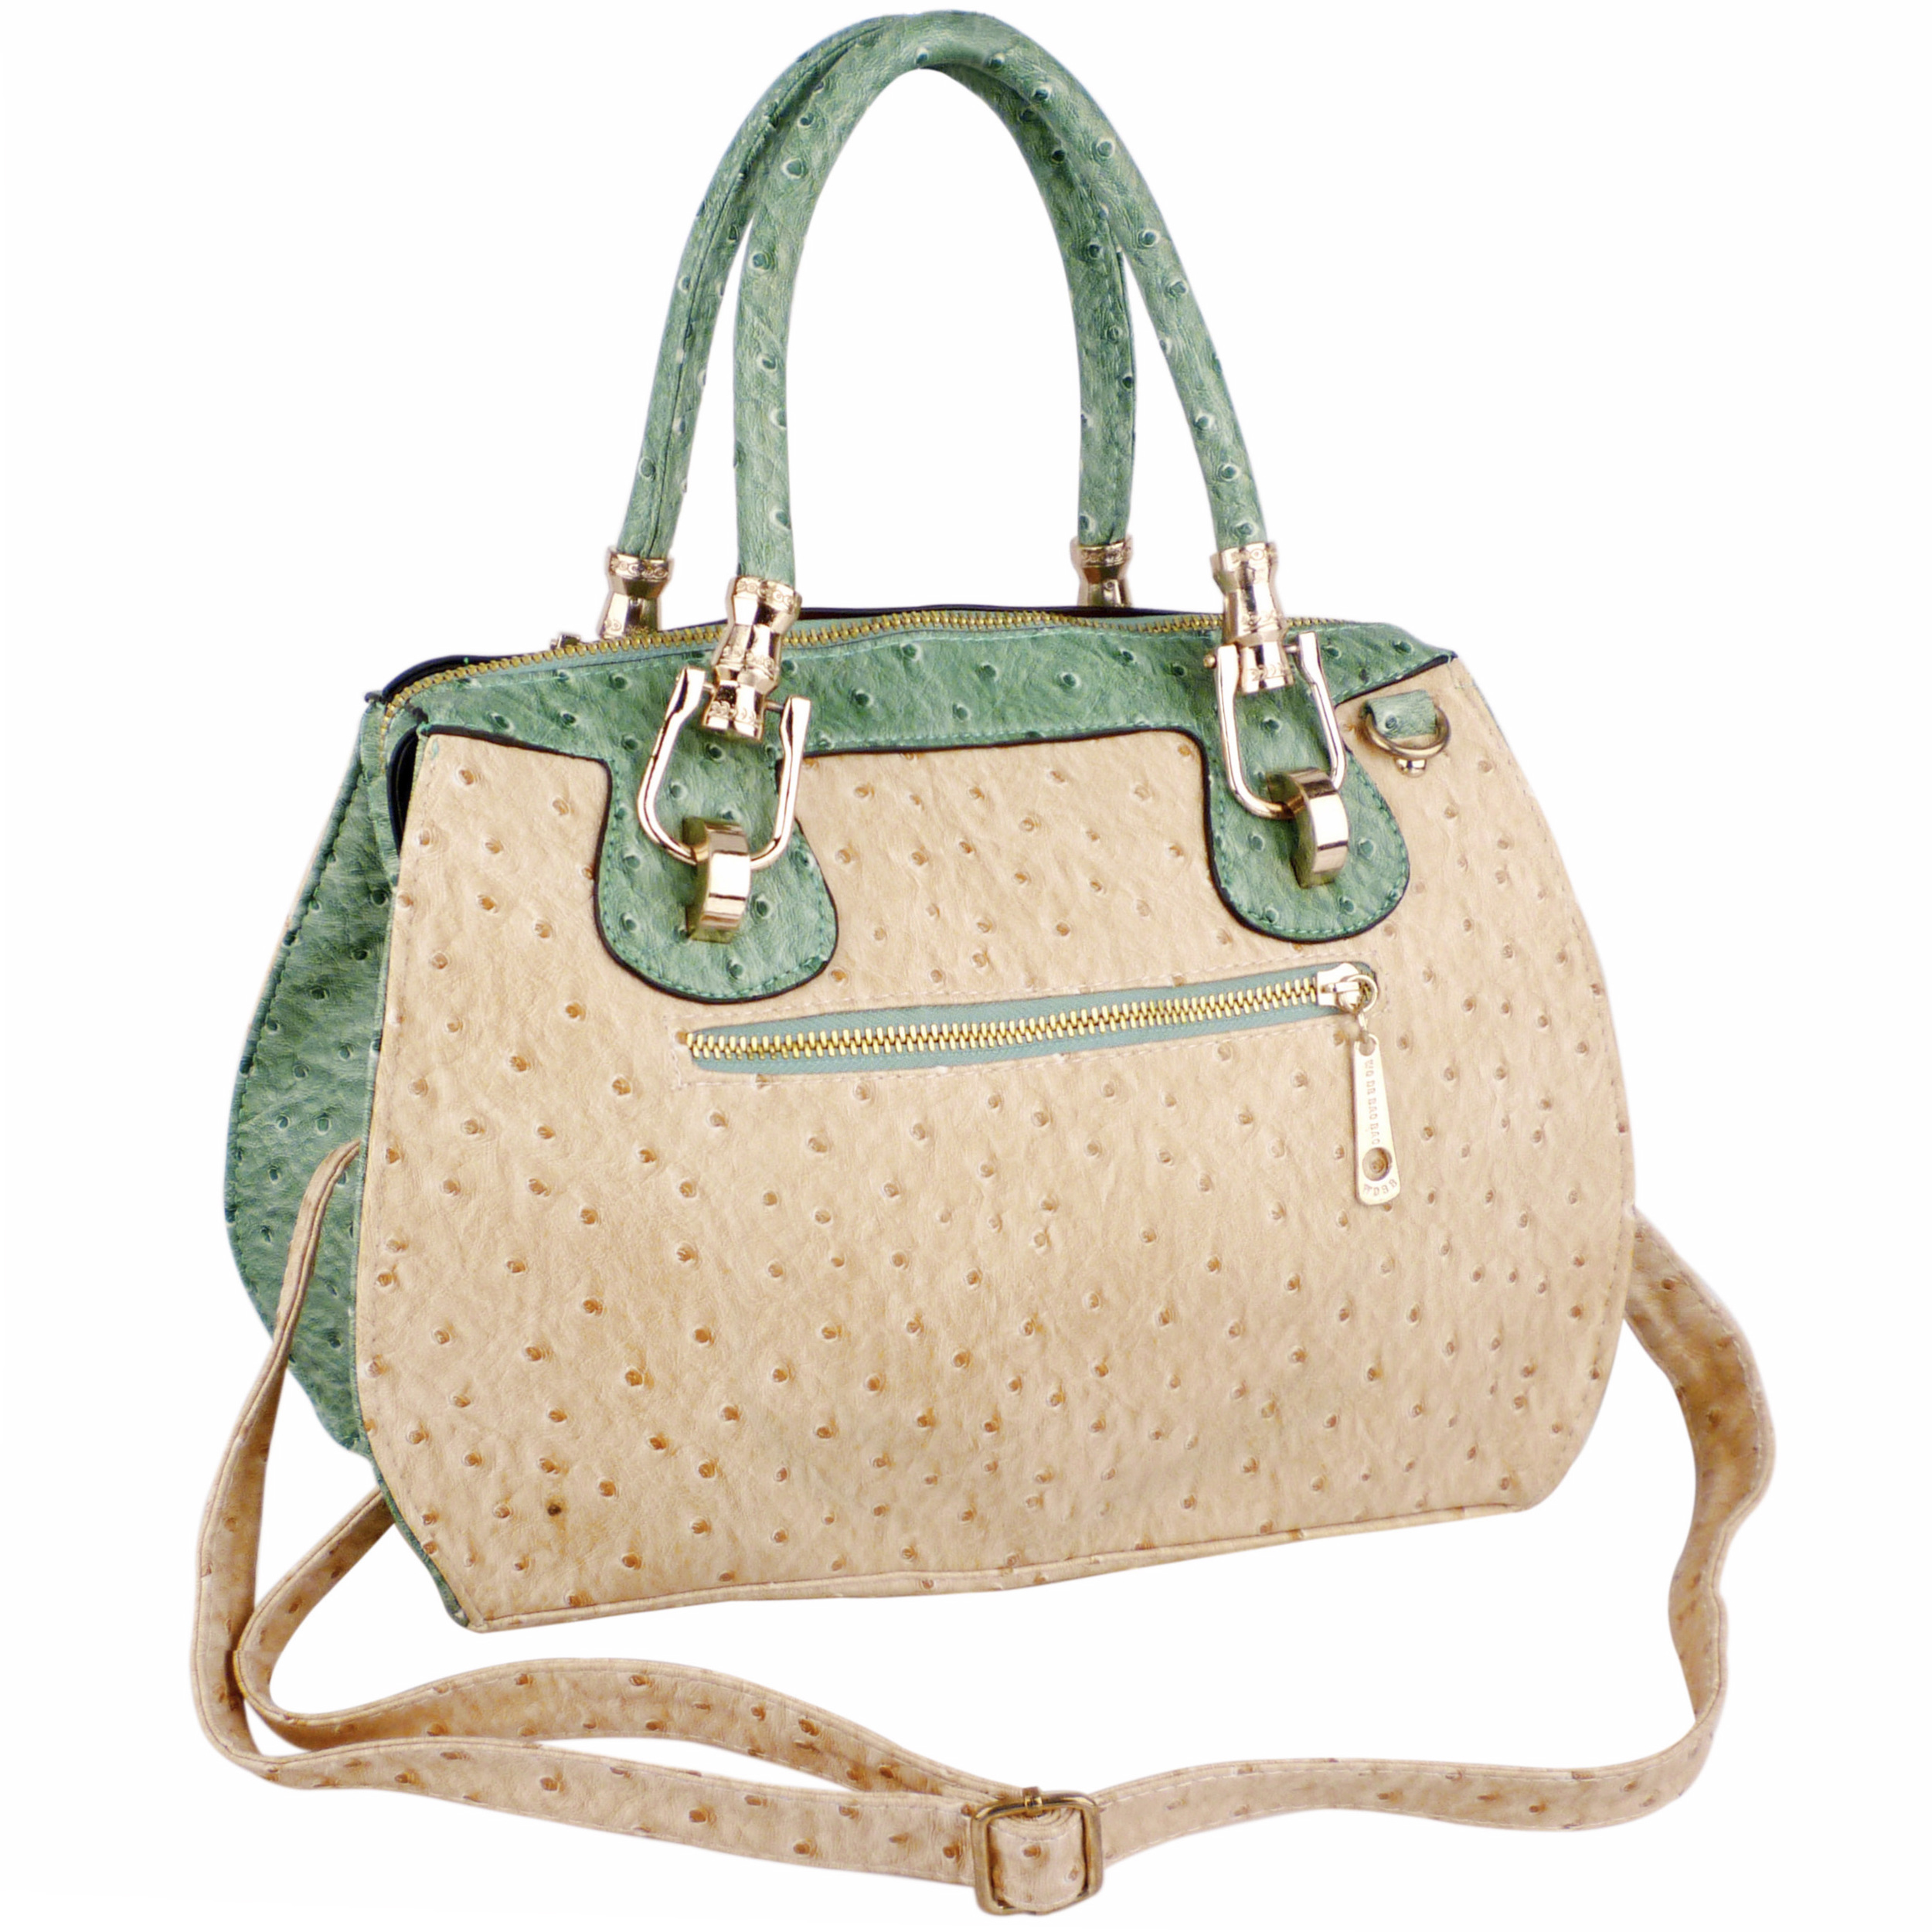 MARISSA Green Doctor Style Handbag Back